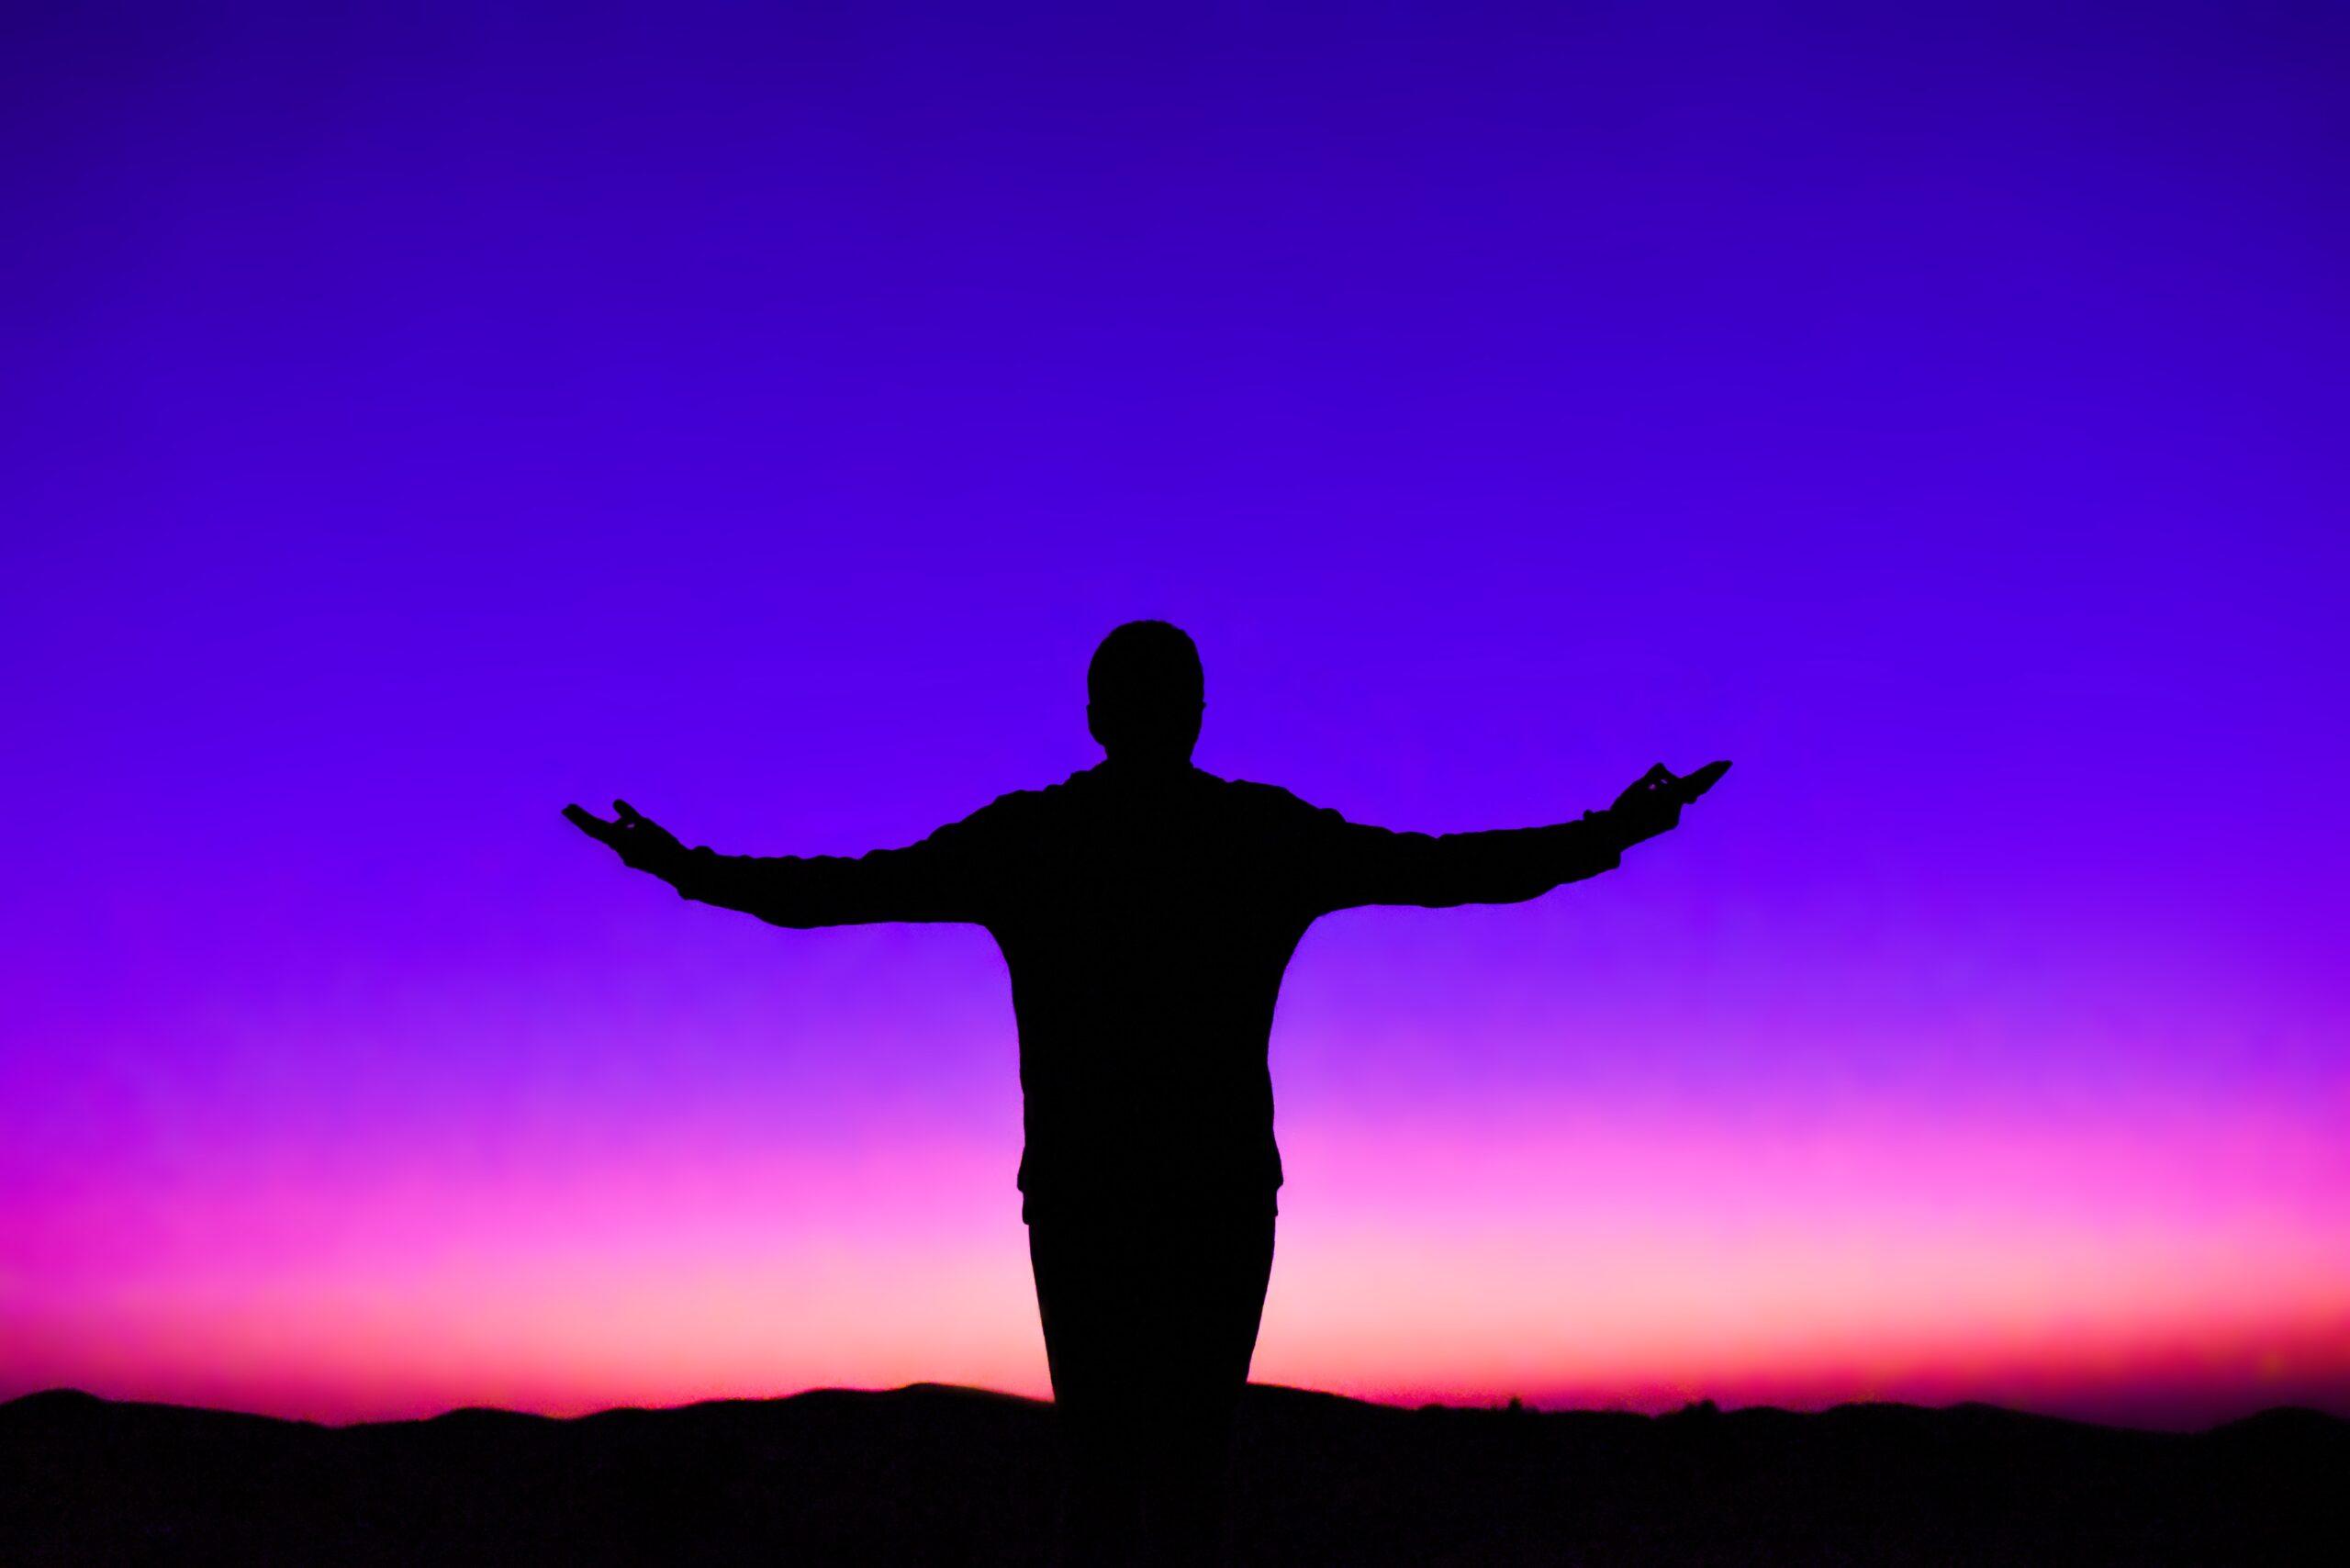 Um homem livre com os braços abertos após saber como viver melhor a vida.